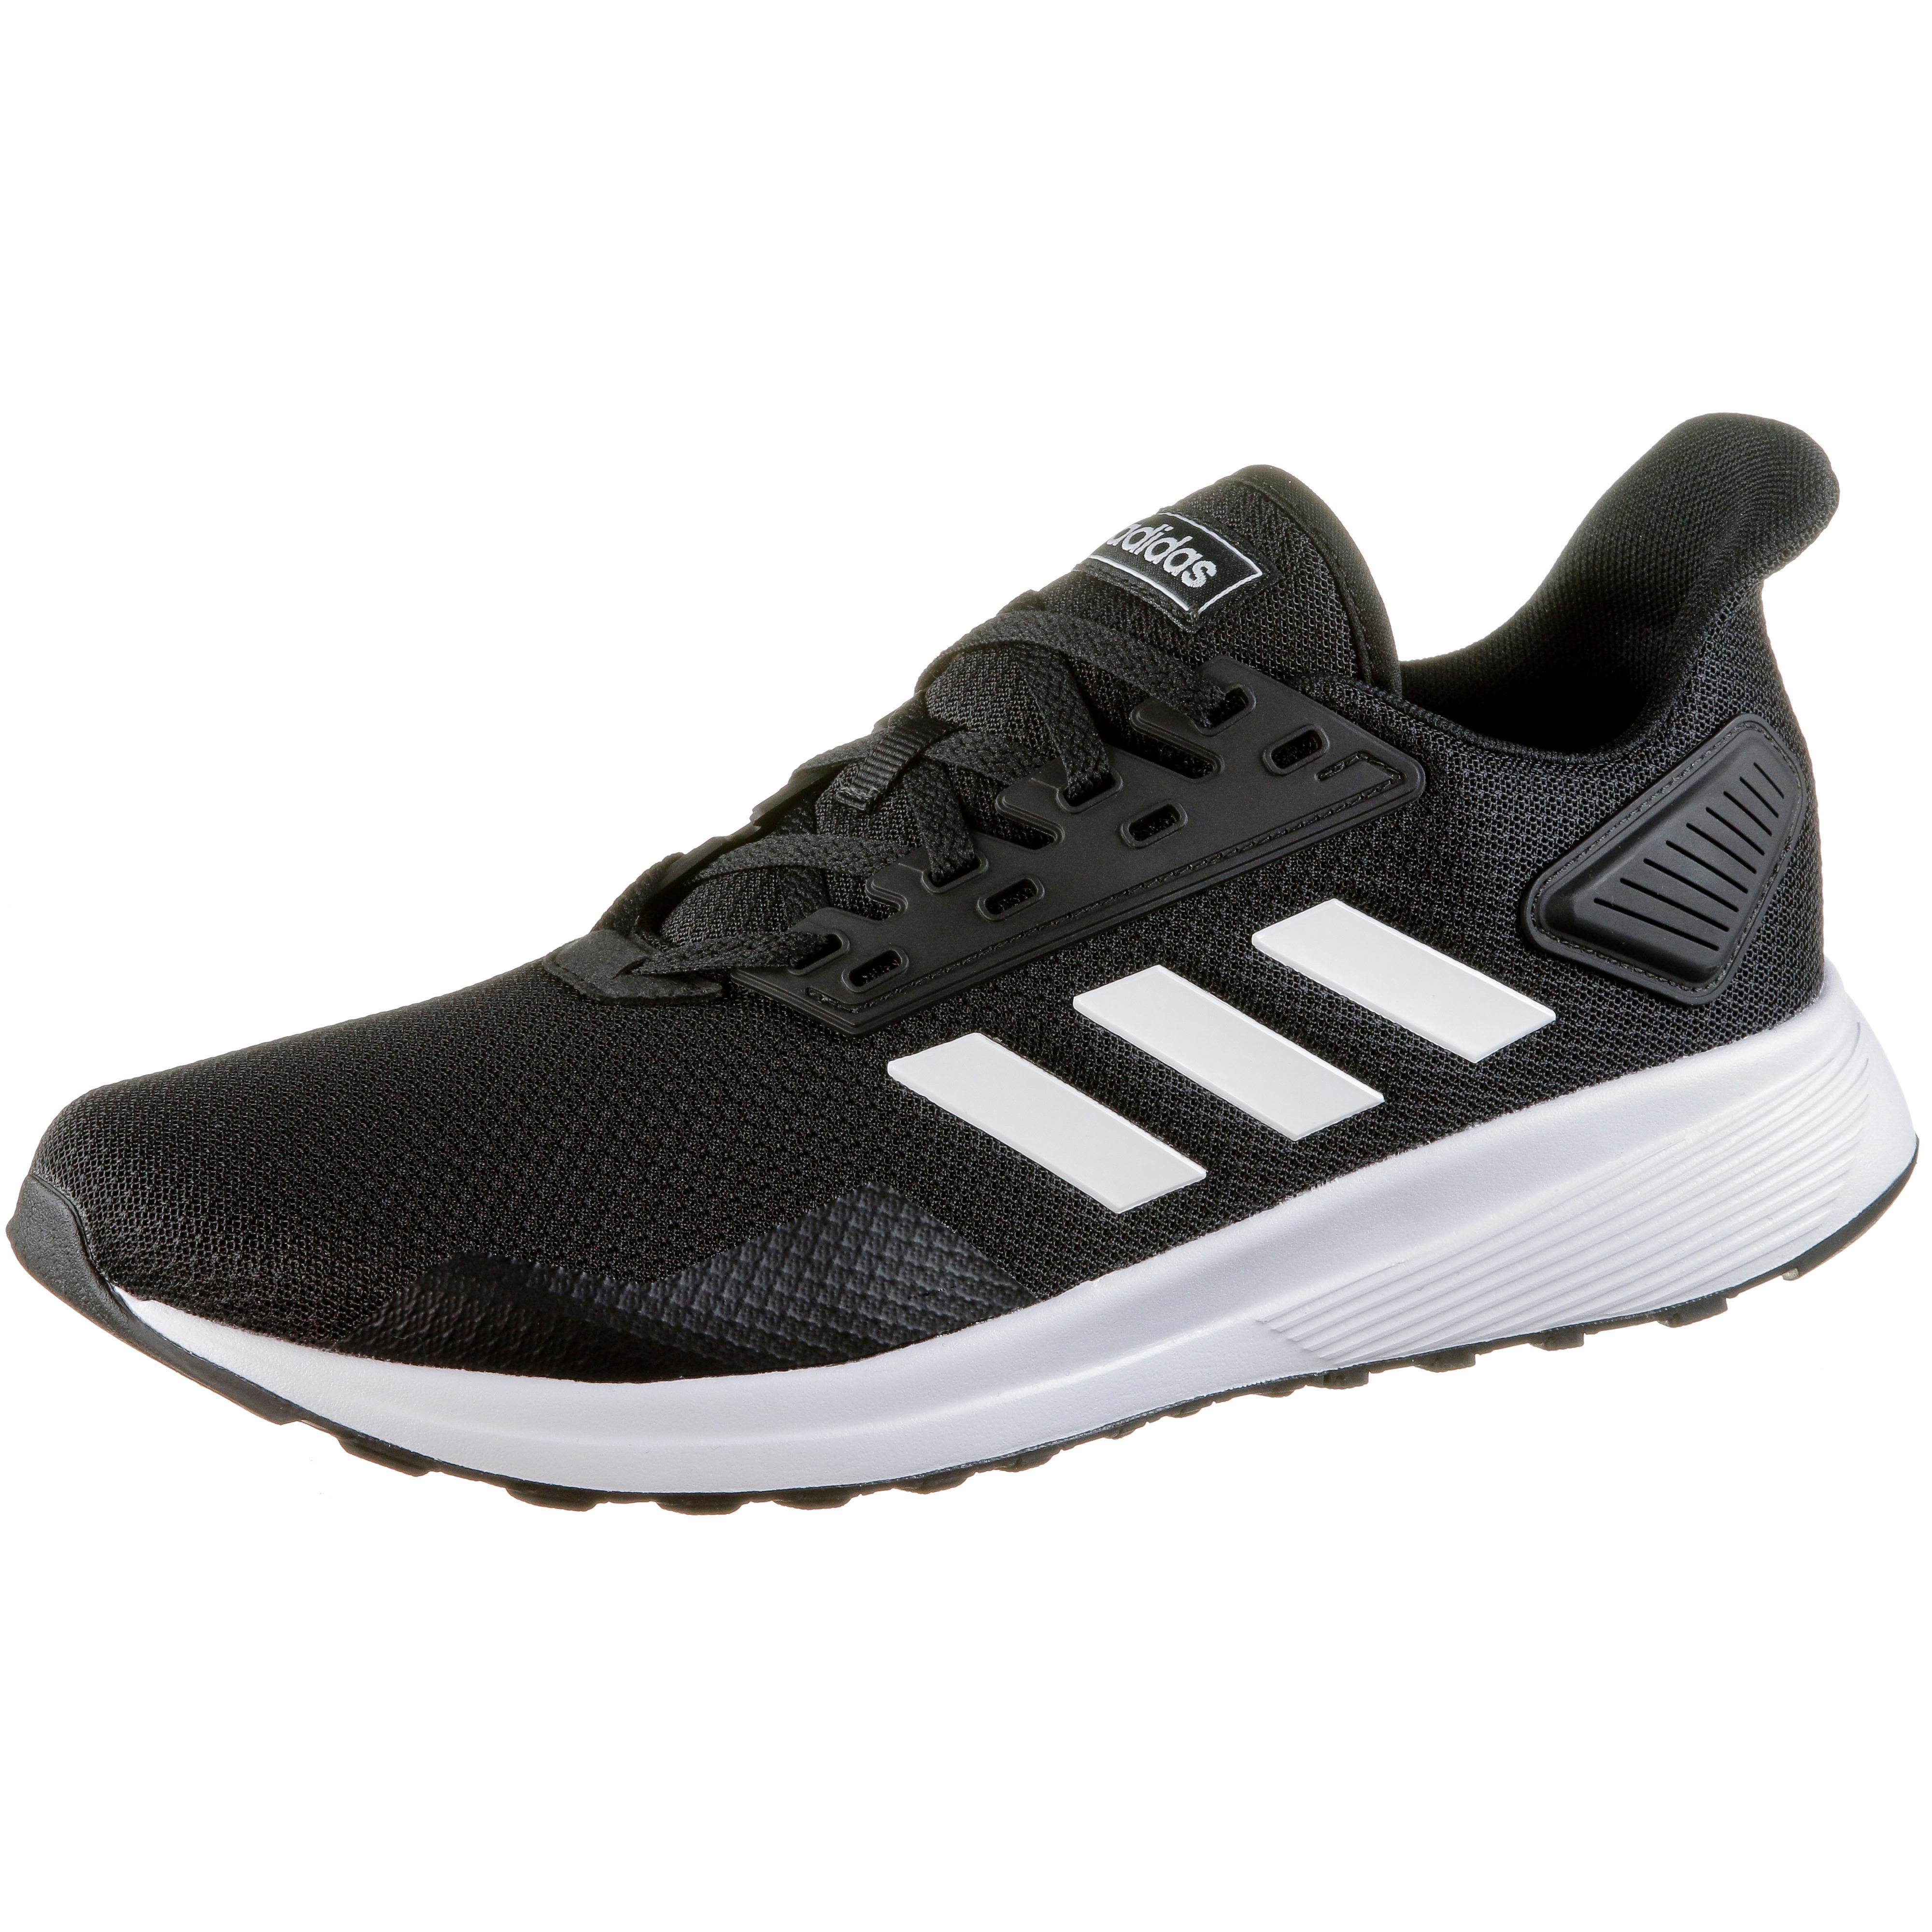 new concept 1add3 8d710 Adidas Duramo 9 Laufschuhe Herren core-black im Online Shop von SportScheck  kaufen